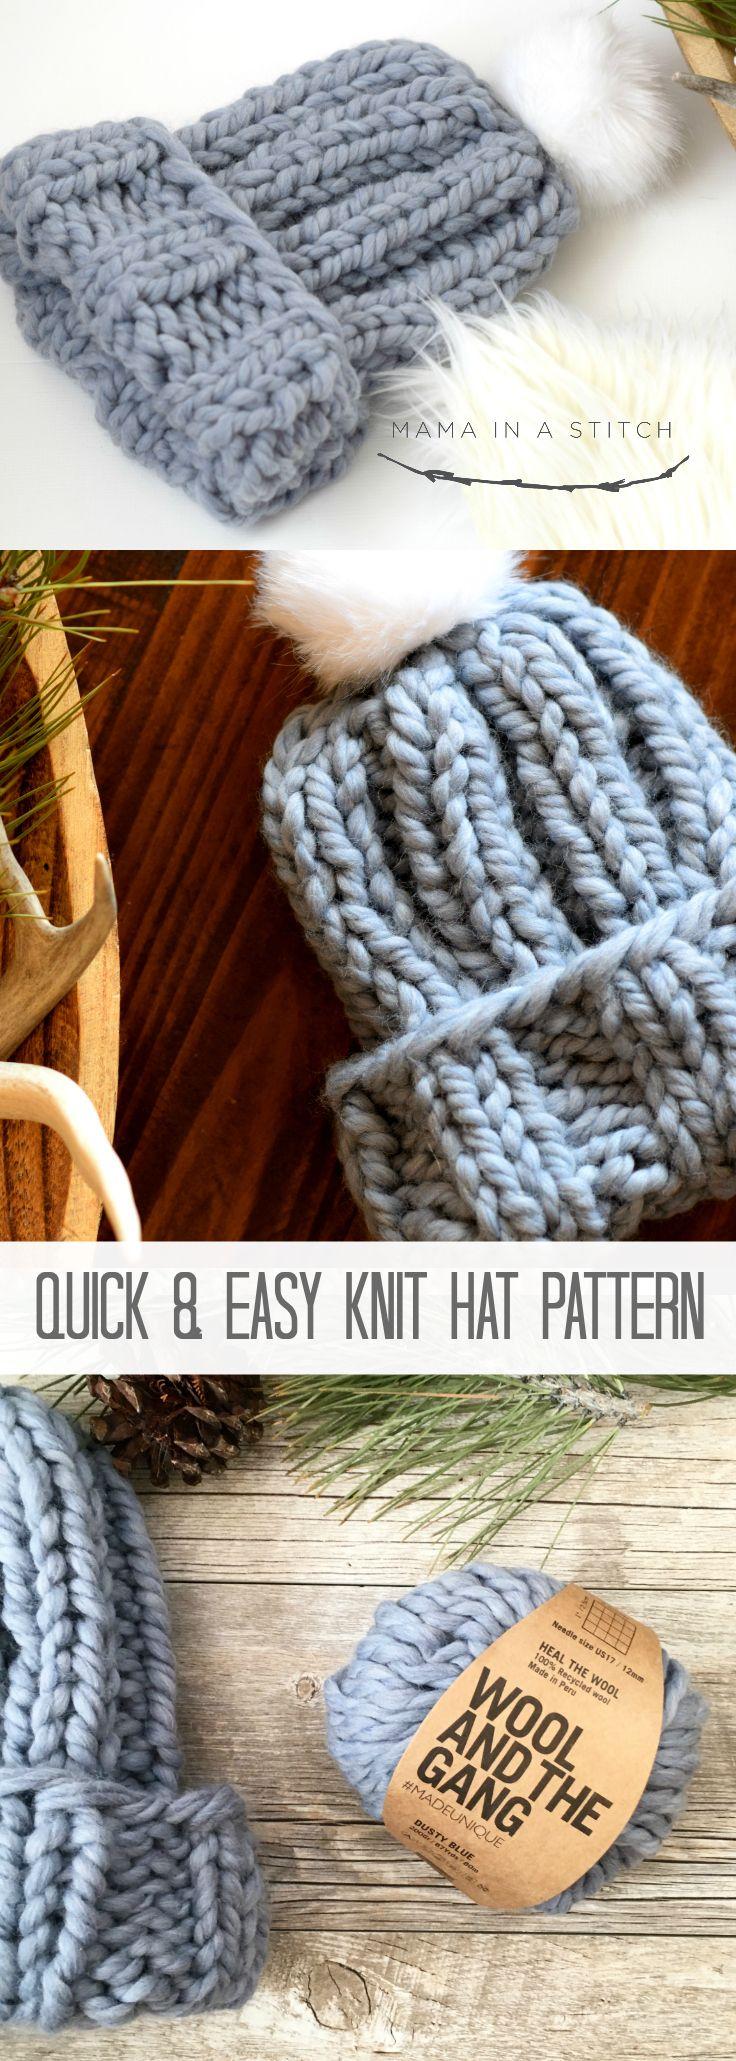 Quick Chunky Knit Hat Pattern via @MamaInAStitch free pattern ...